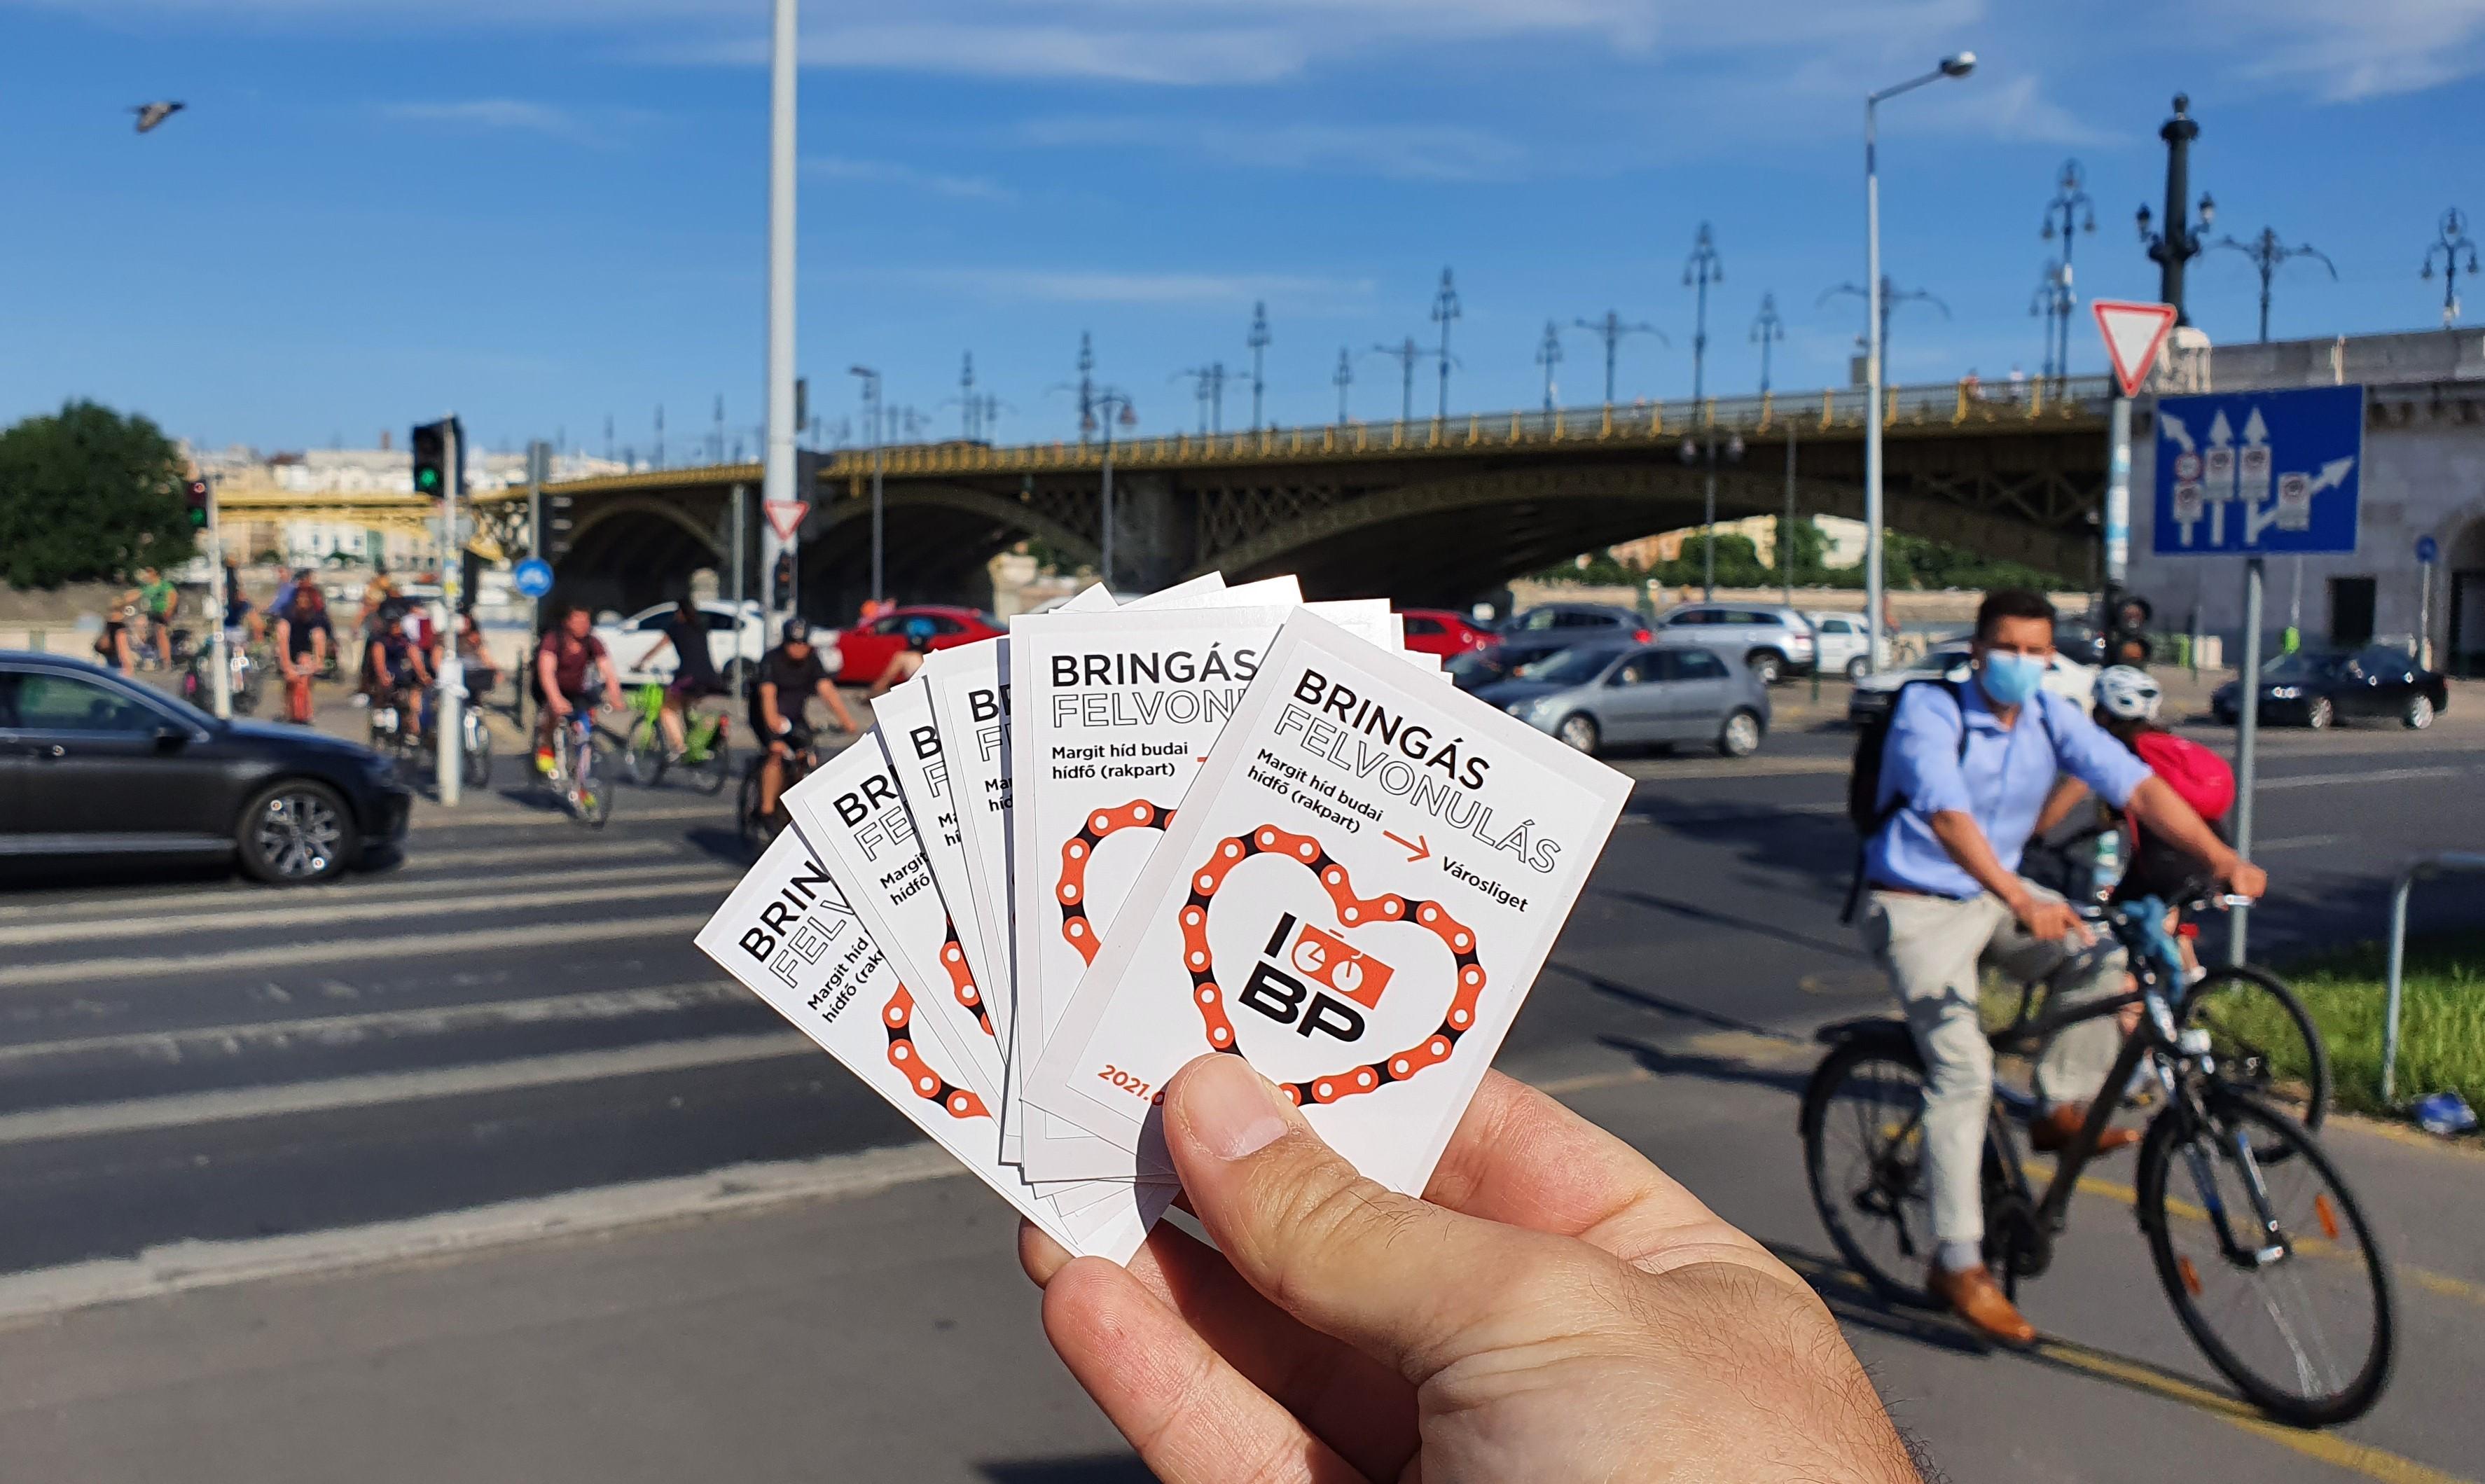 I bike Budapest matricaosztás - terjeszd velünk a felvonulás hírét!